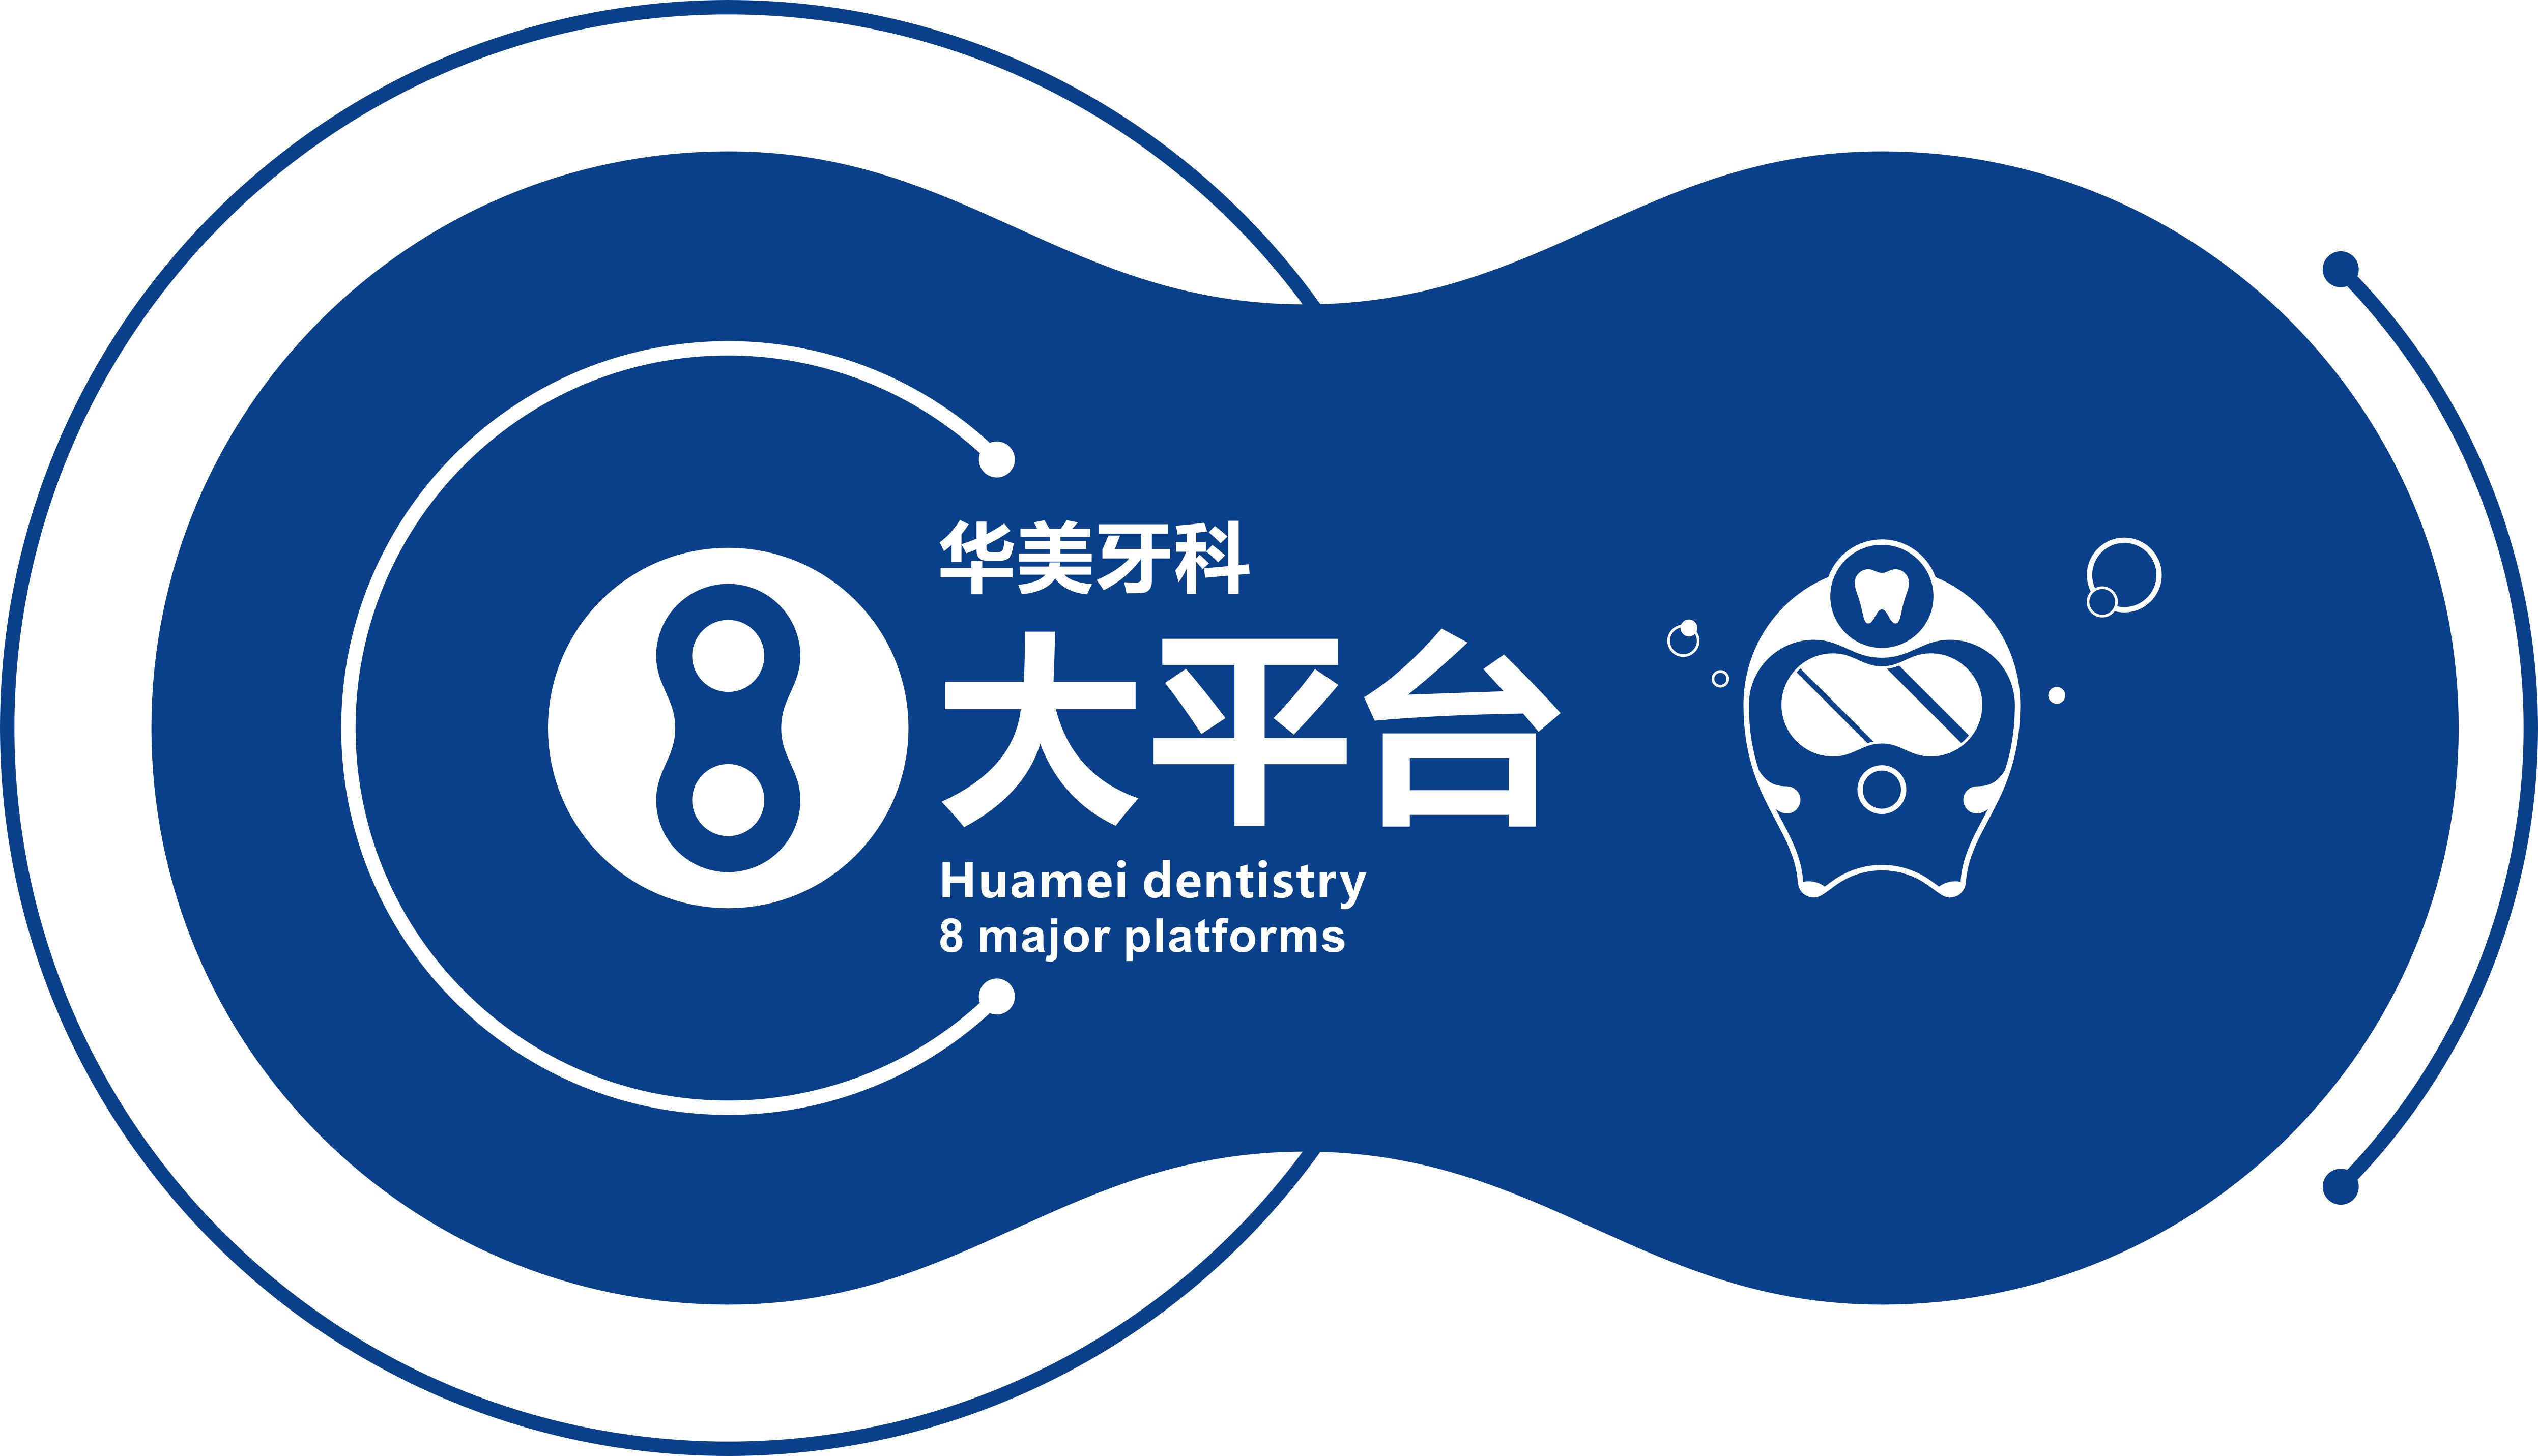 华美牙科8大平台,3大模式,孵化口腔医疗连锁事业合伙人!